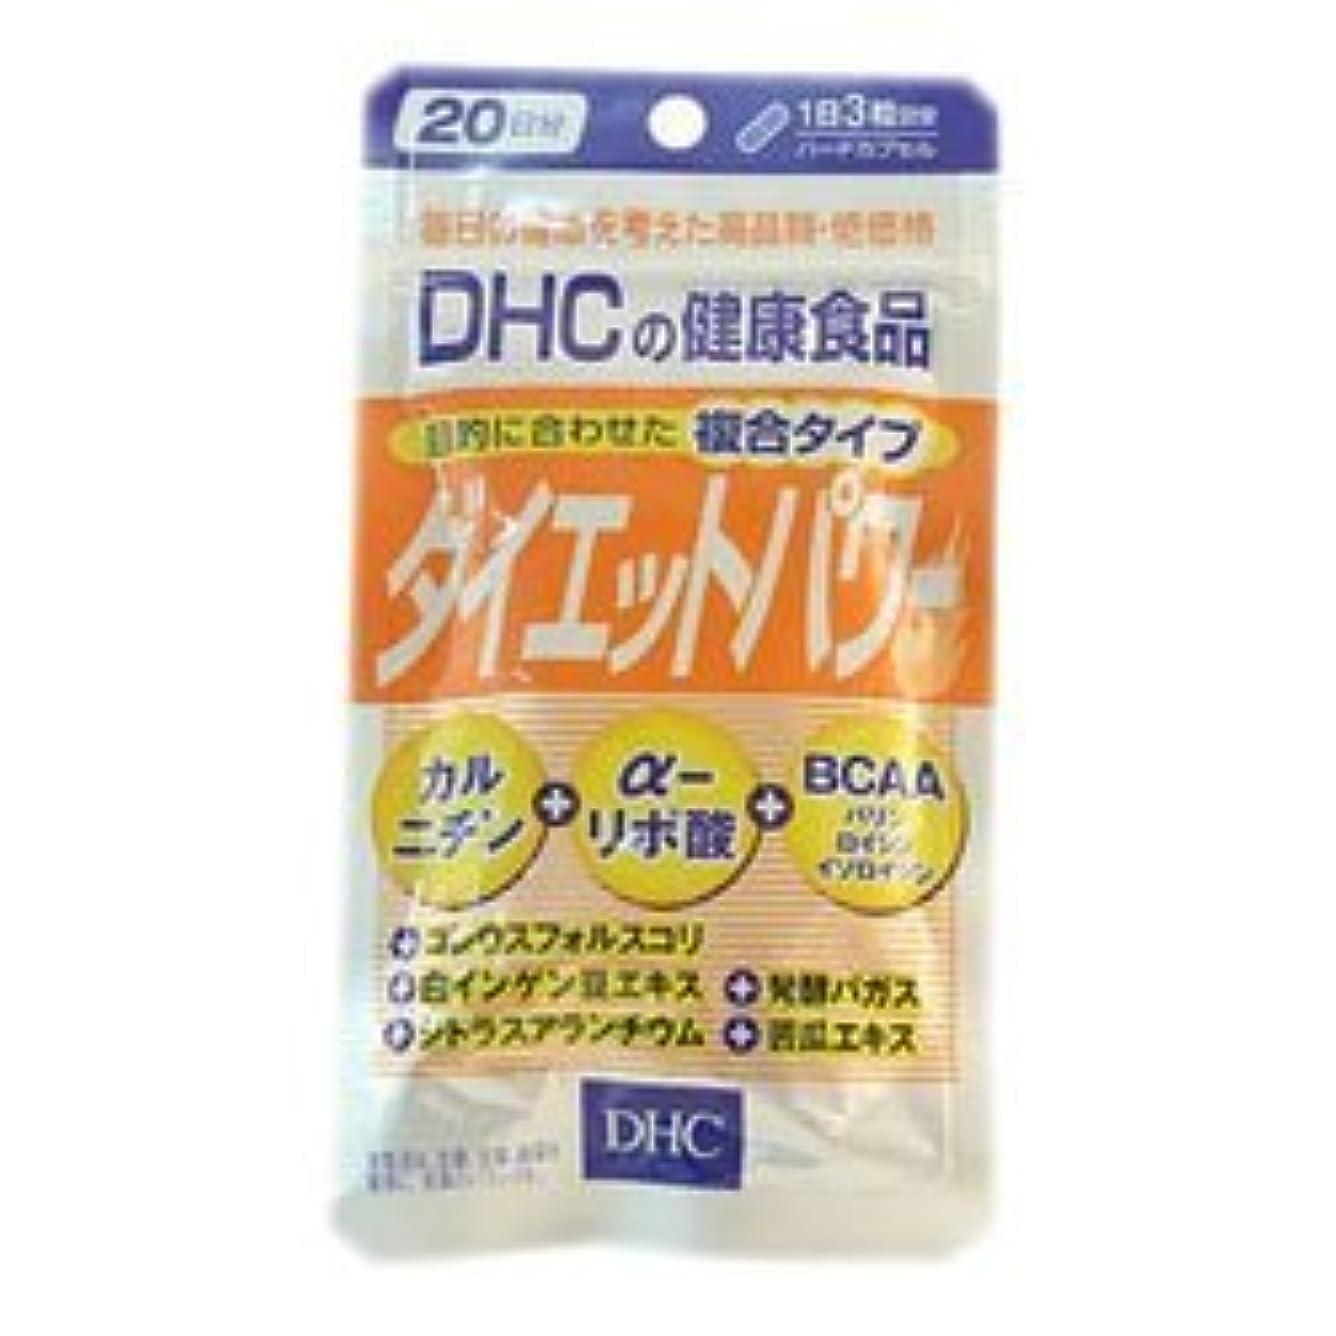 ミシン反対したポジション【DHC】ダイエットパワー 20日分 (60粒) ×20個セット